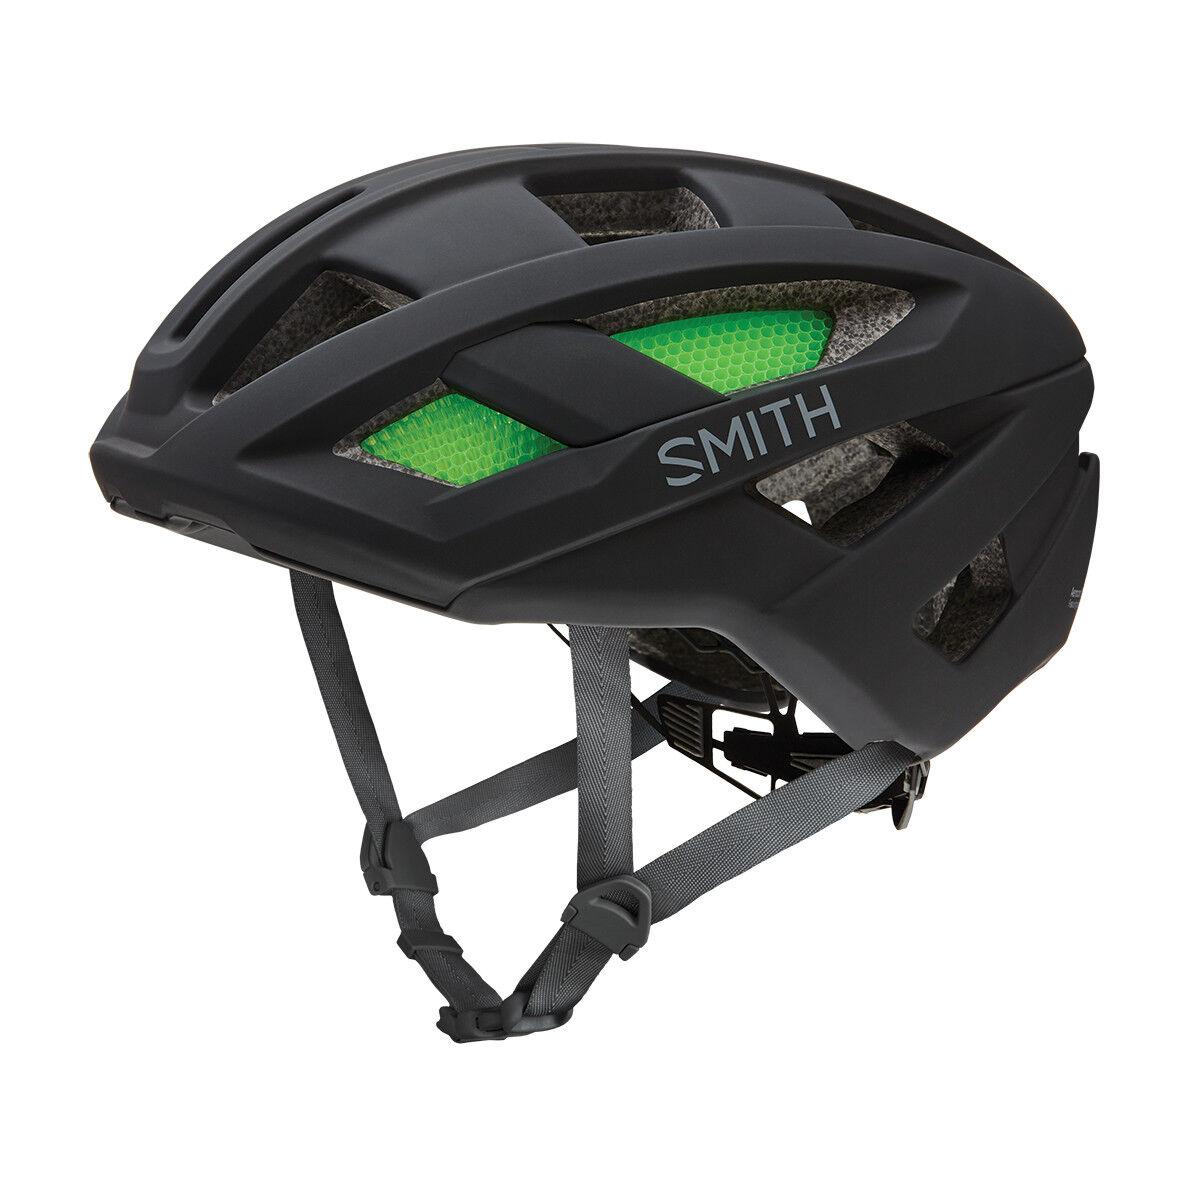 SMITH ROUTE Mips Bici Carretera Bicicleta Casco Negro Mate S M L NUEVO EN CAJA